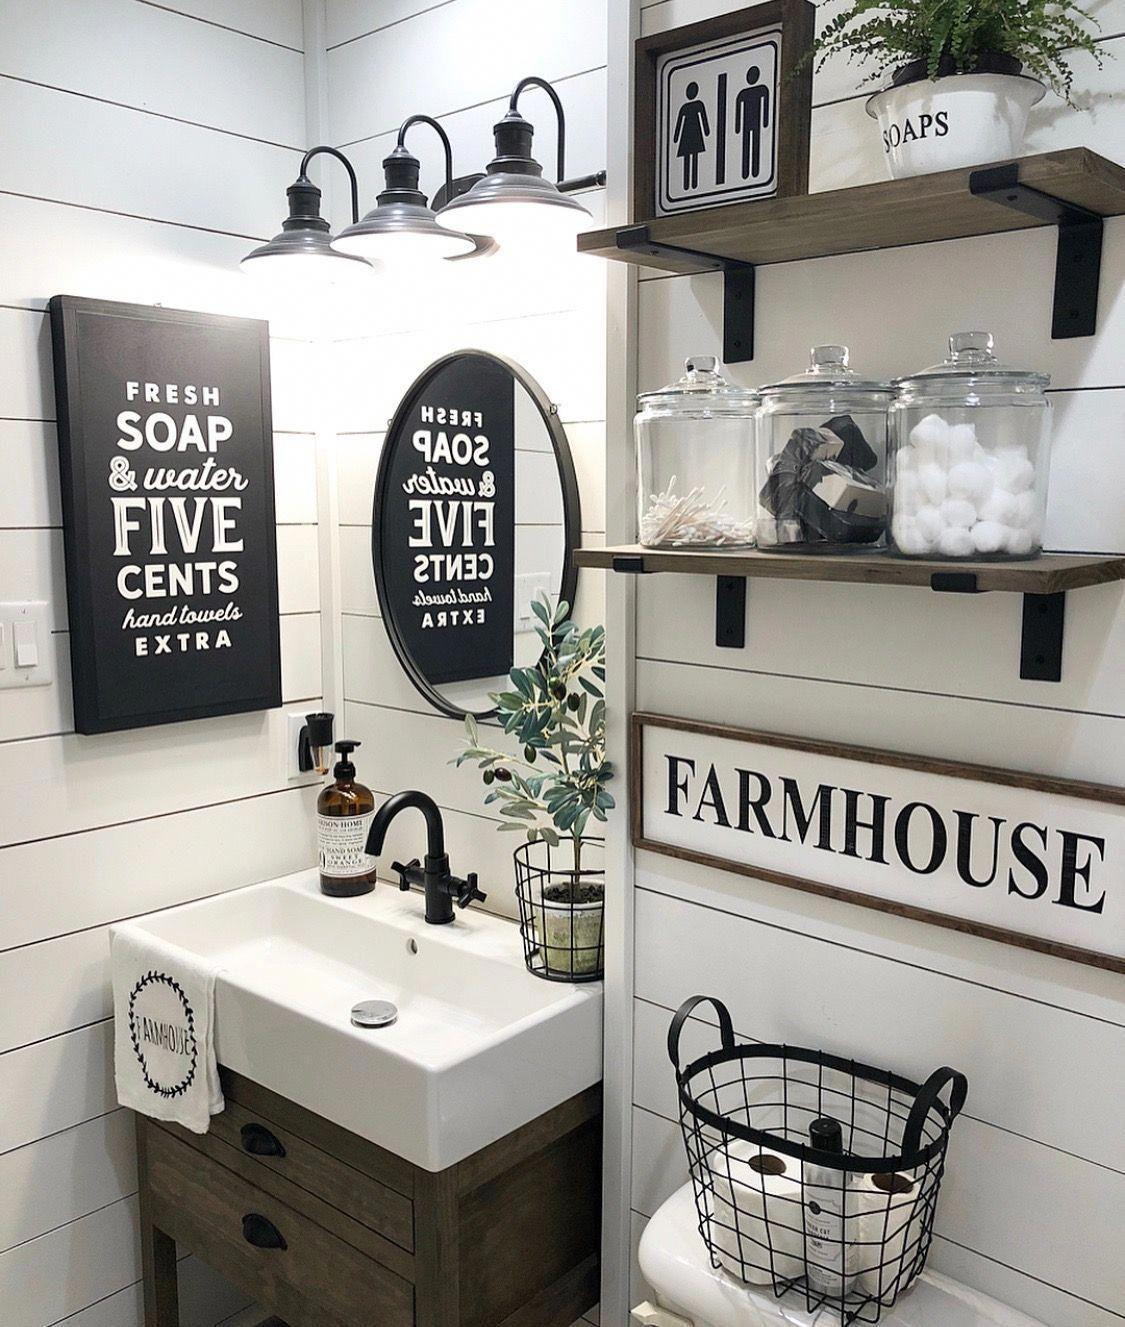 Cute Bathroom Decor Bathroom Farmhouse Style Small Bathroom Decor Farmhouse Bathroom Decor